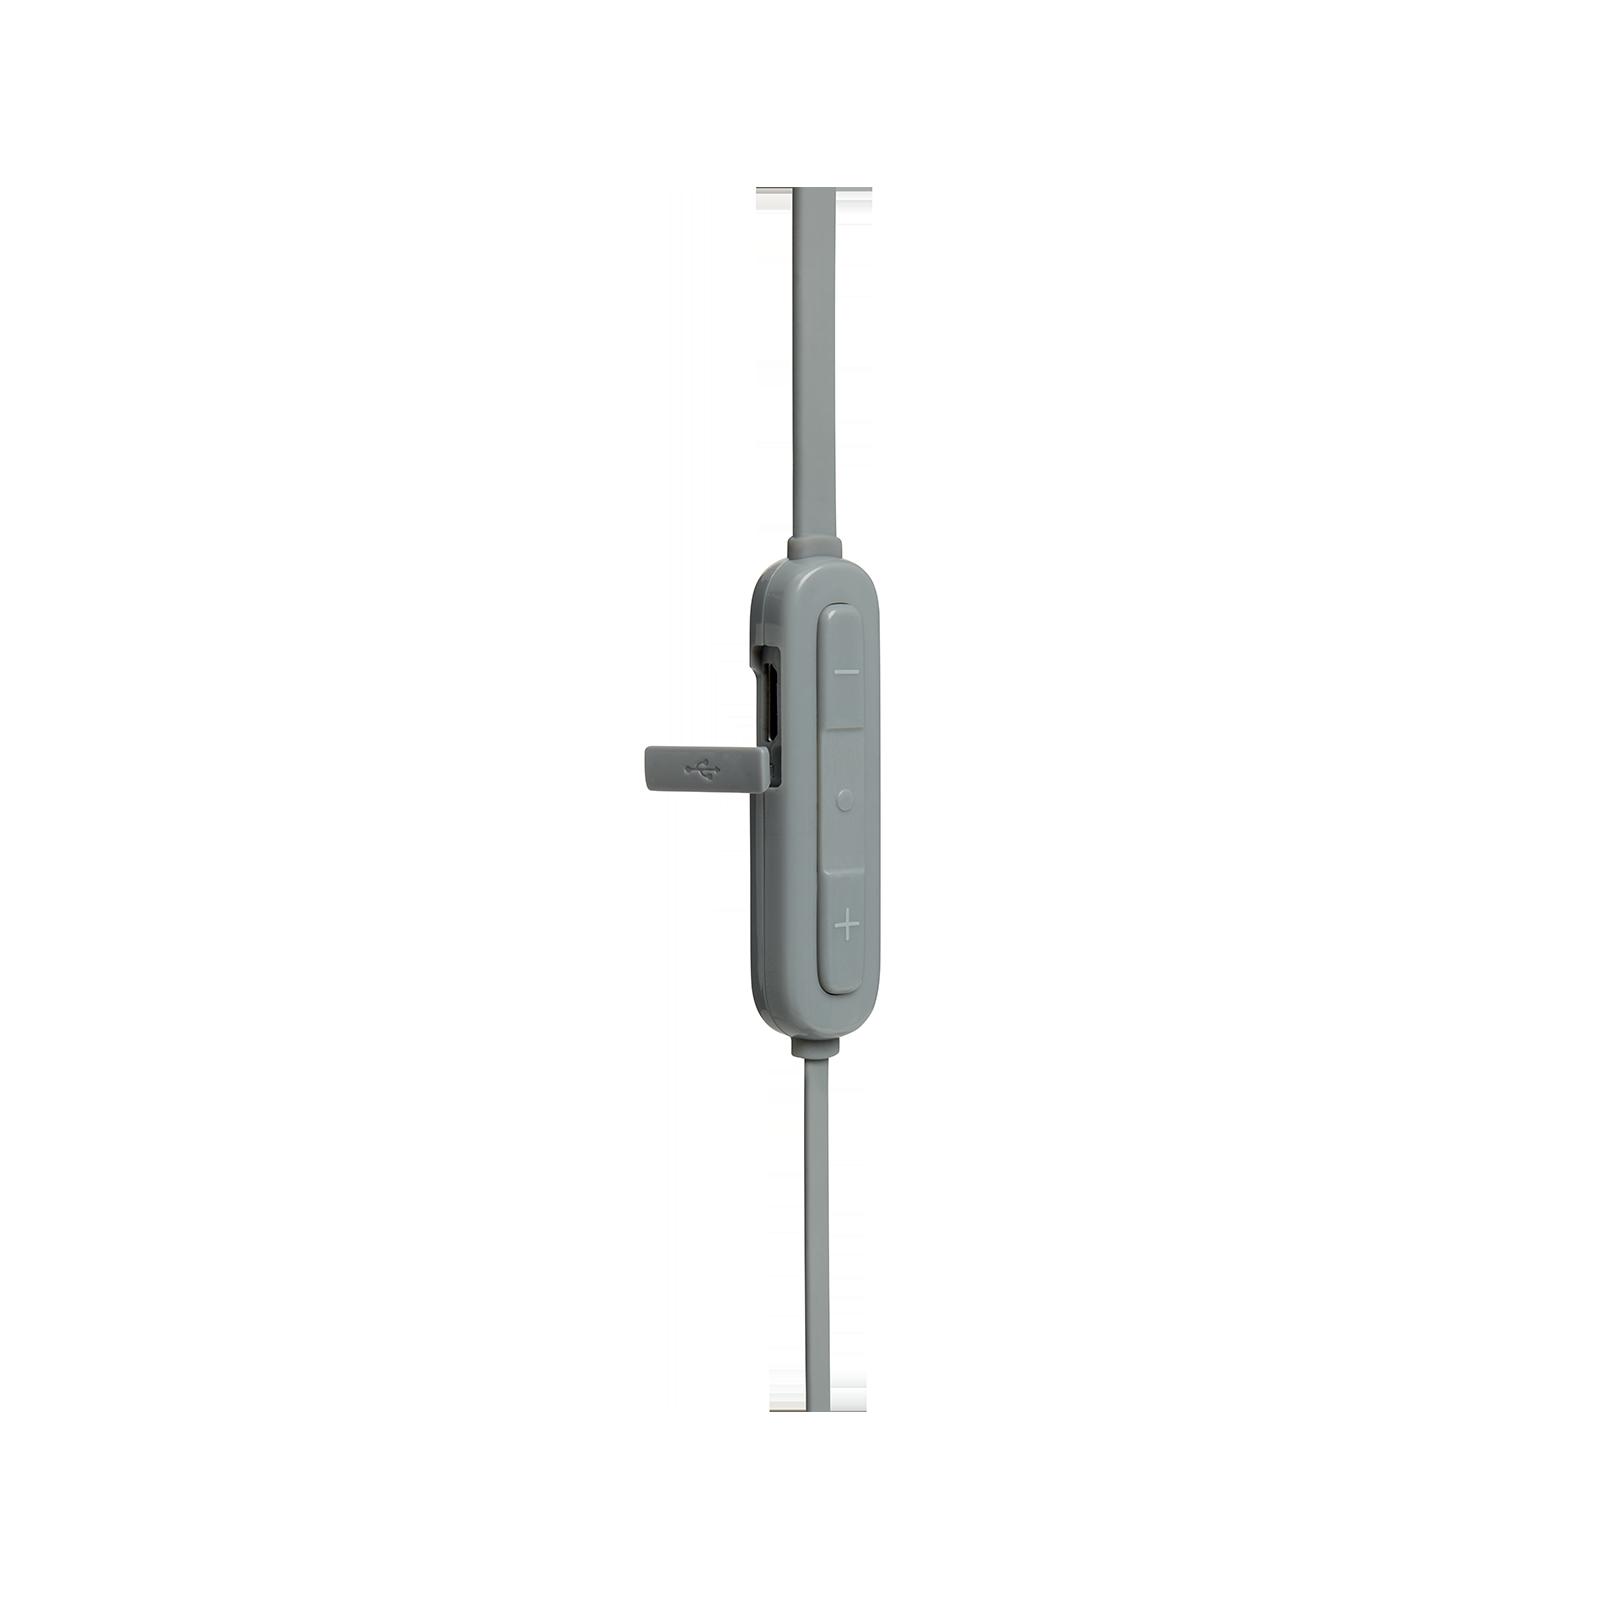 JBL TUNE 160BT - Grey - Wireless in-ear headphones - Detailshot 2